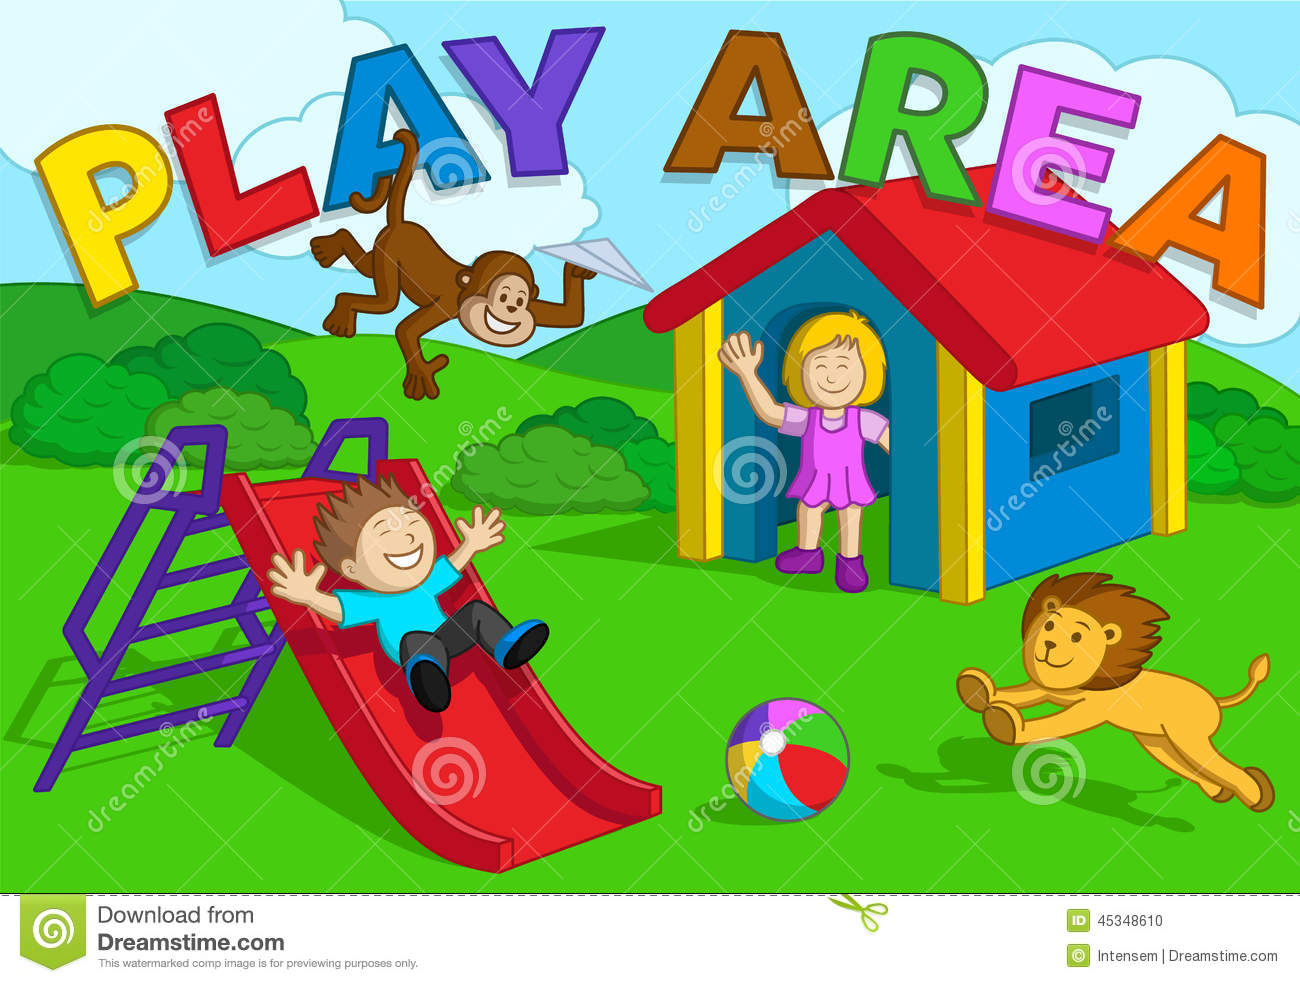 Play area clip art.